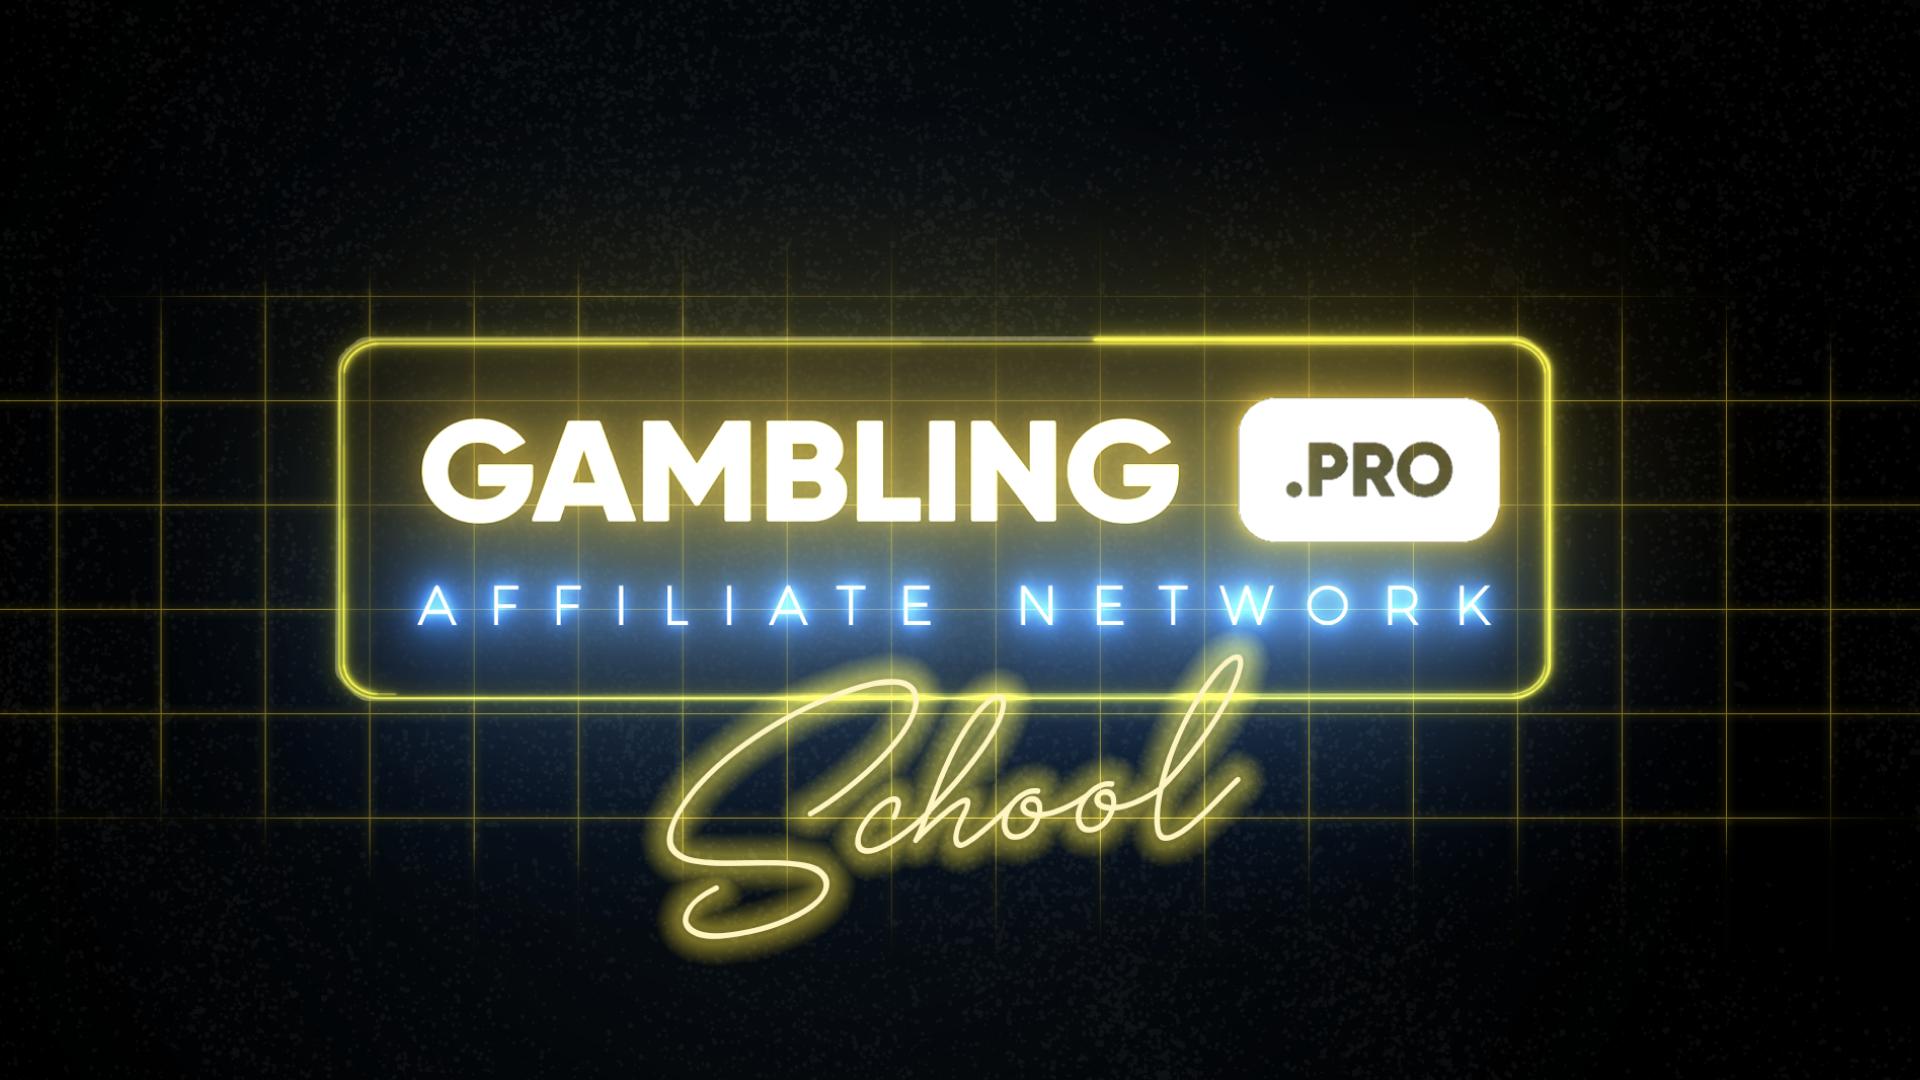 Анонс Школы Арбитража от Gambling.pro: от нуля к ROI